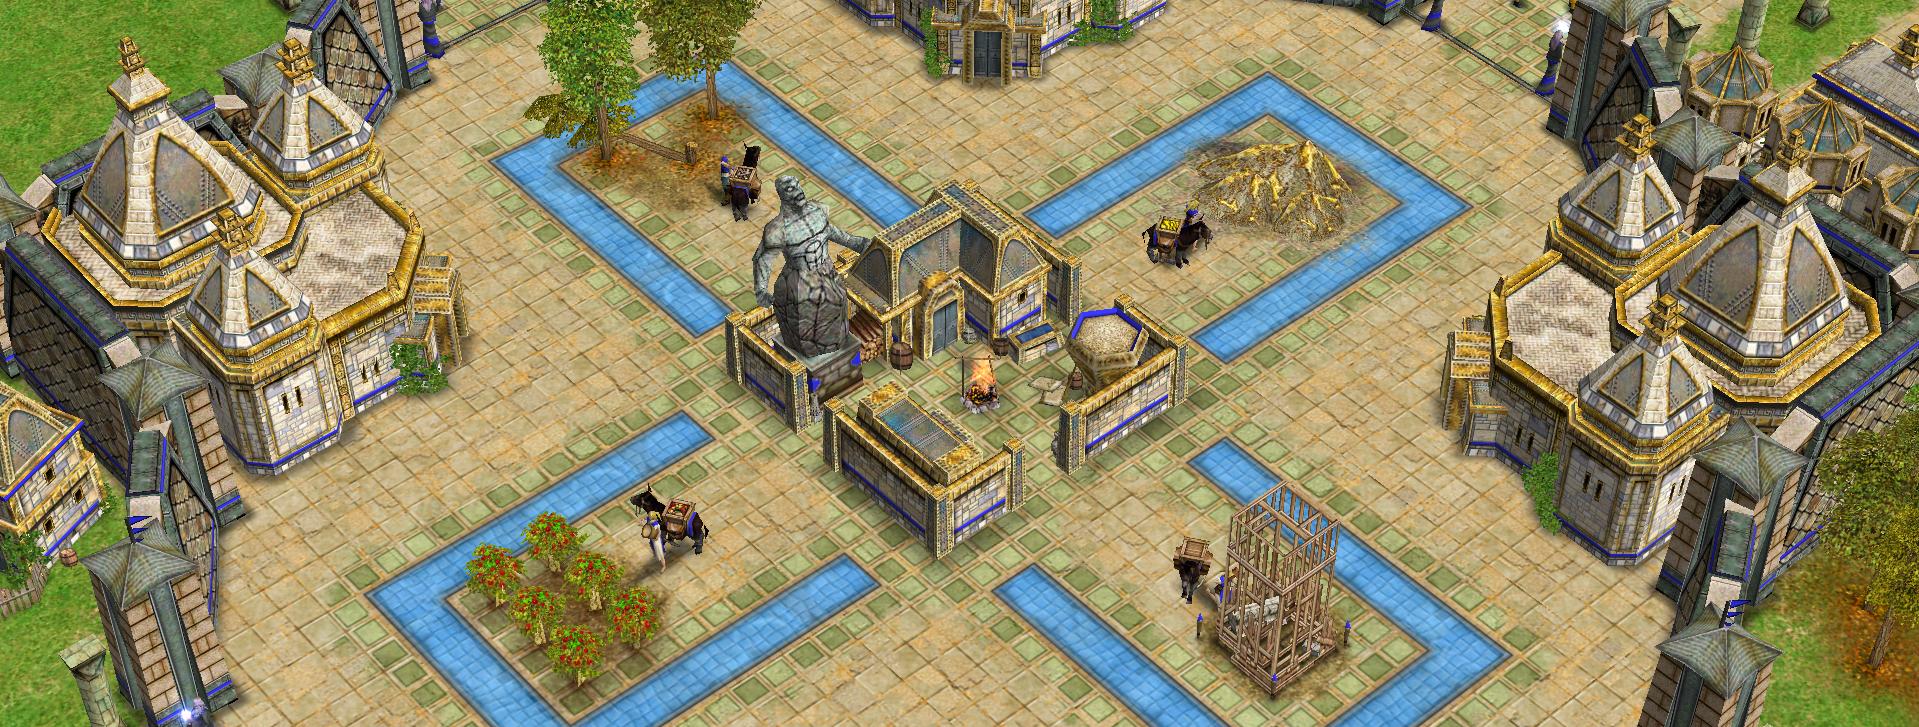 Age of Mythology: The Titans v1.02 Patch